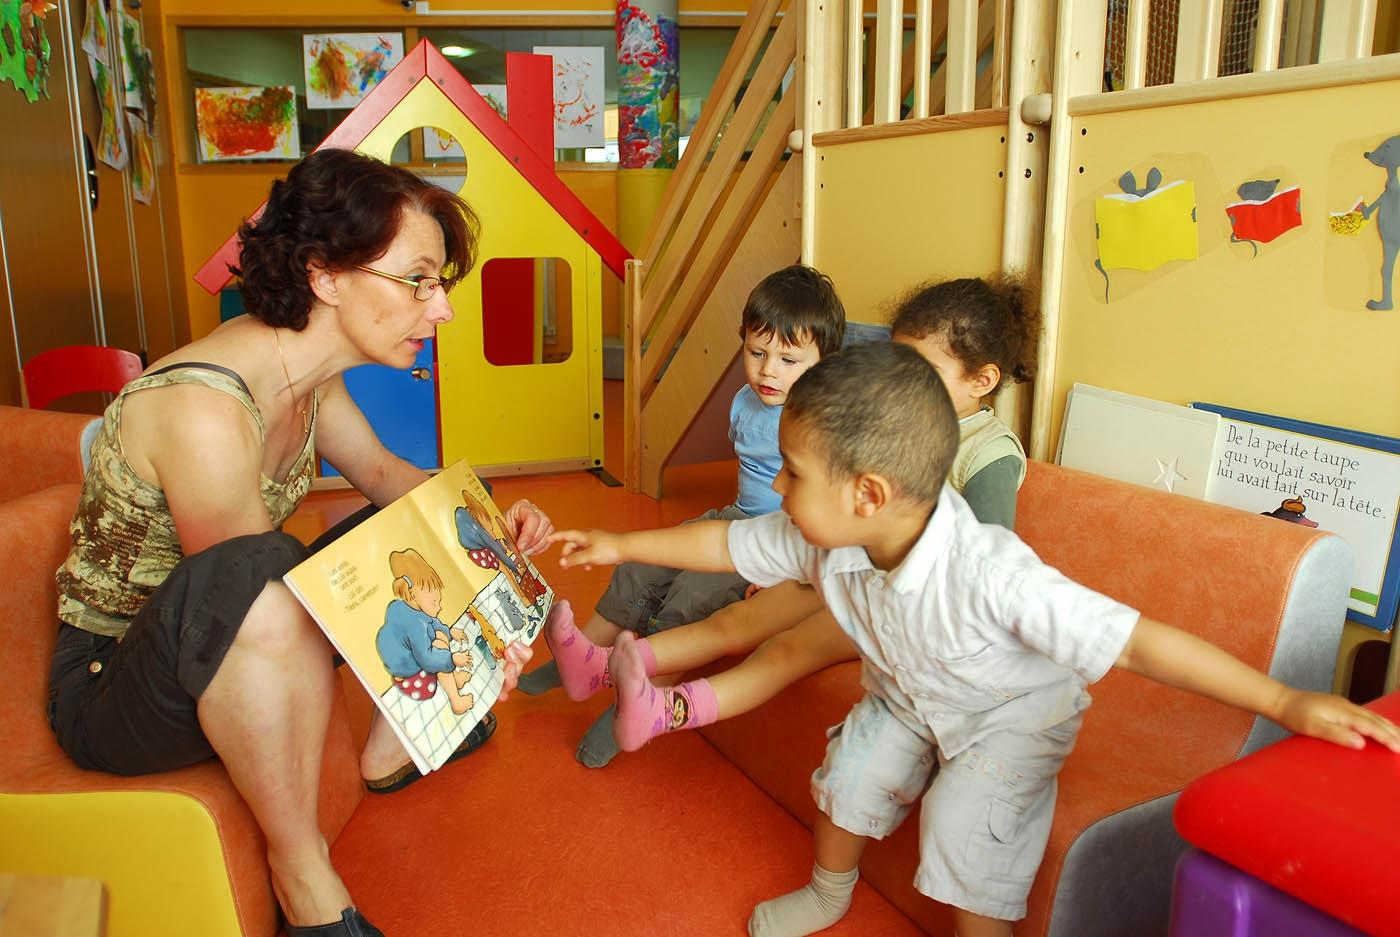 enfants qui regardent un livre